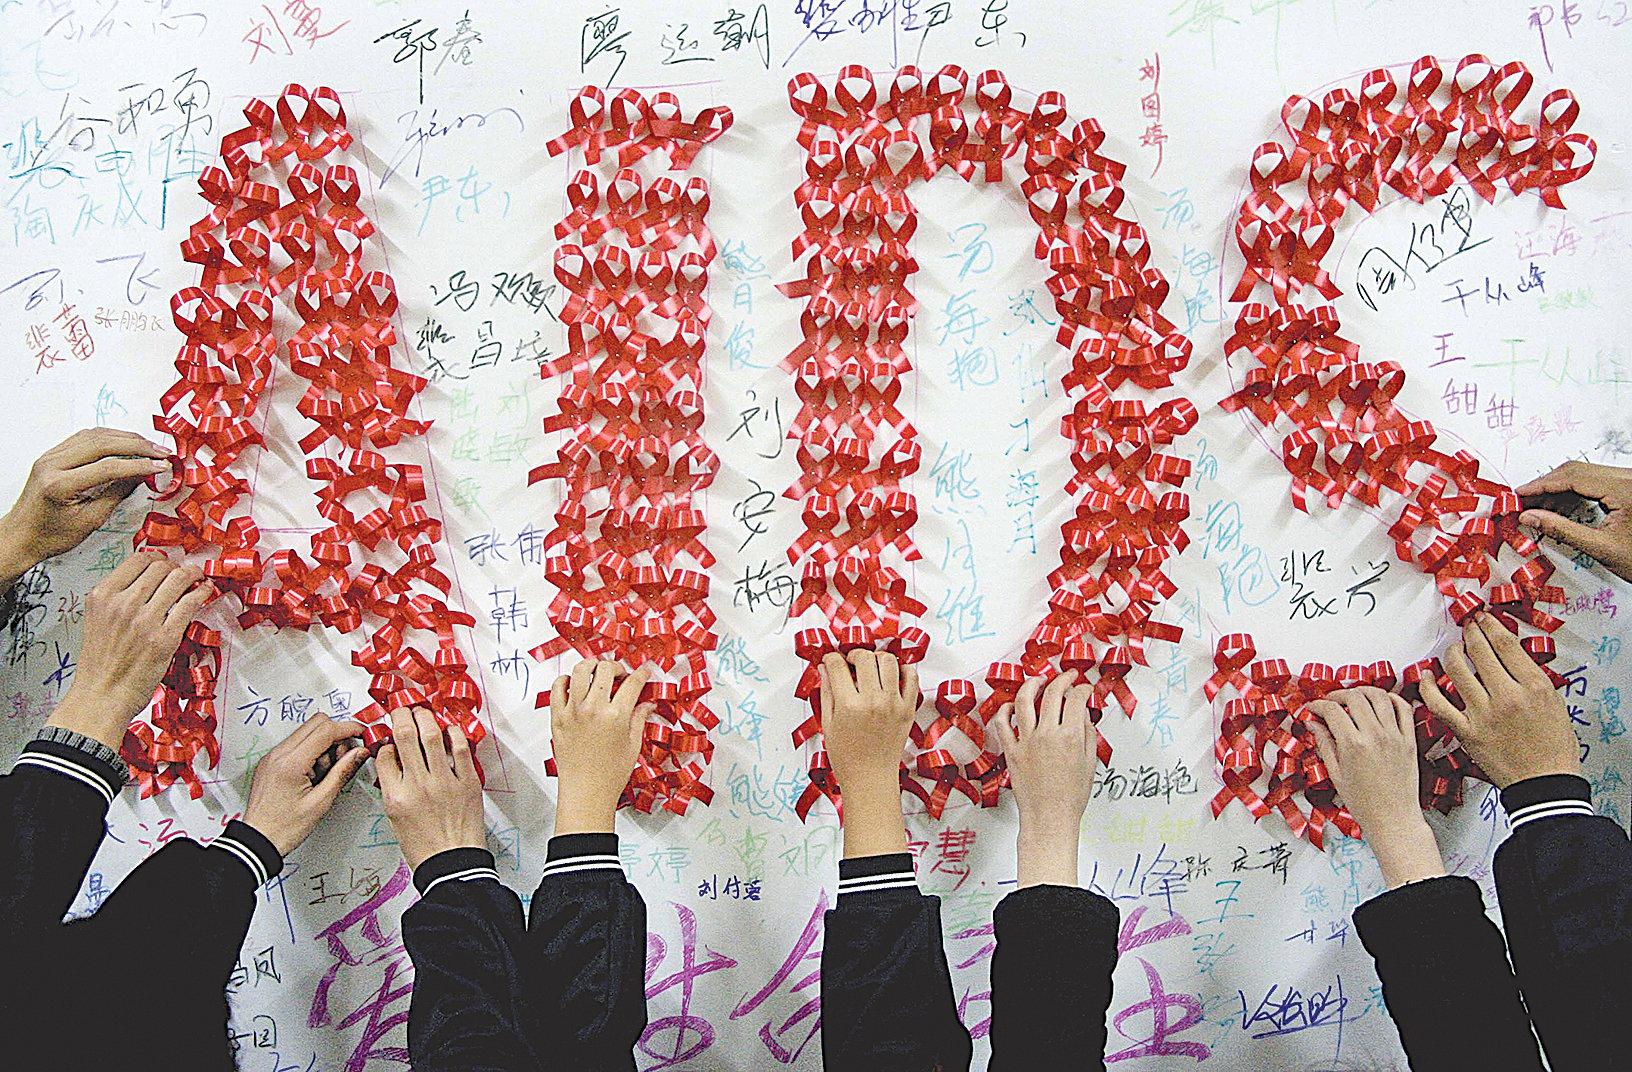 圖為2009年世界愛滋病日的前一天,中國安徽省漢山的一所學校中,學生用手工製作的紅絲帶愛滋病標誌。當年約74萬中國人感染了愛滋病毒,10年後,中國大陸愛滋病感染病例繼續大幅增加。 (STR/AFP/Getty Images)